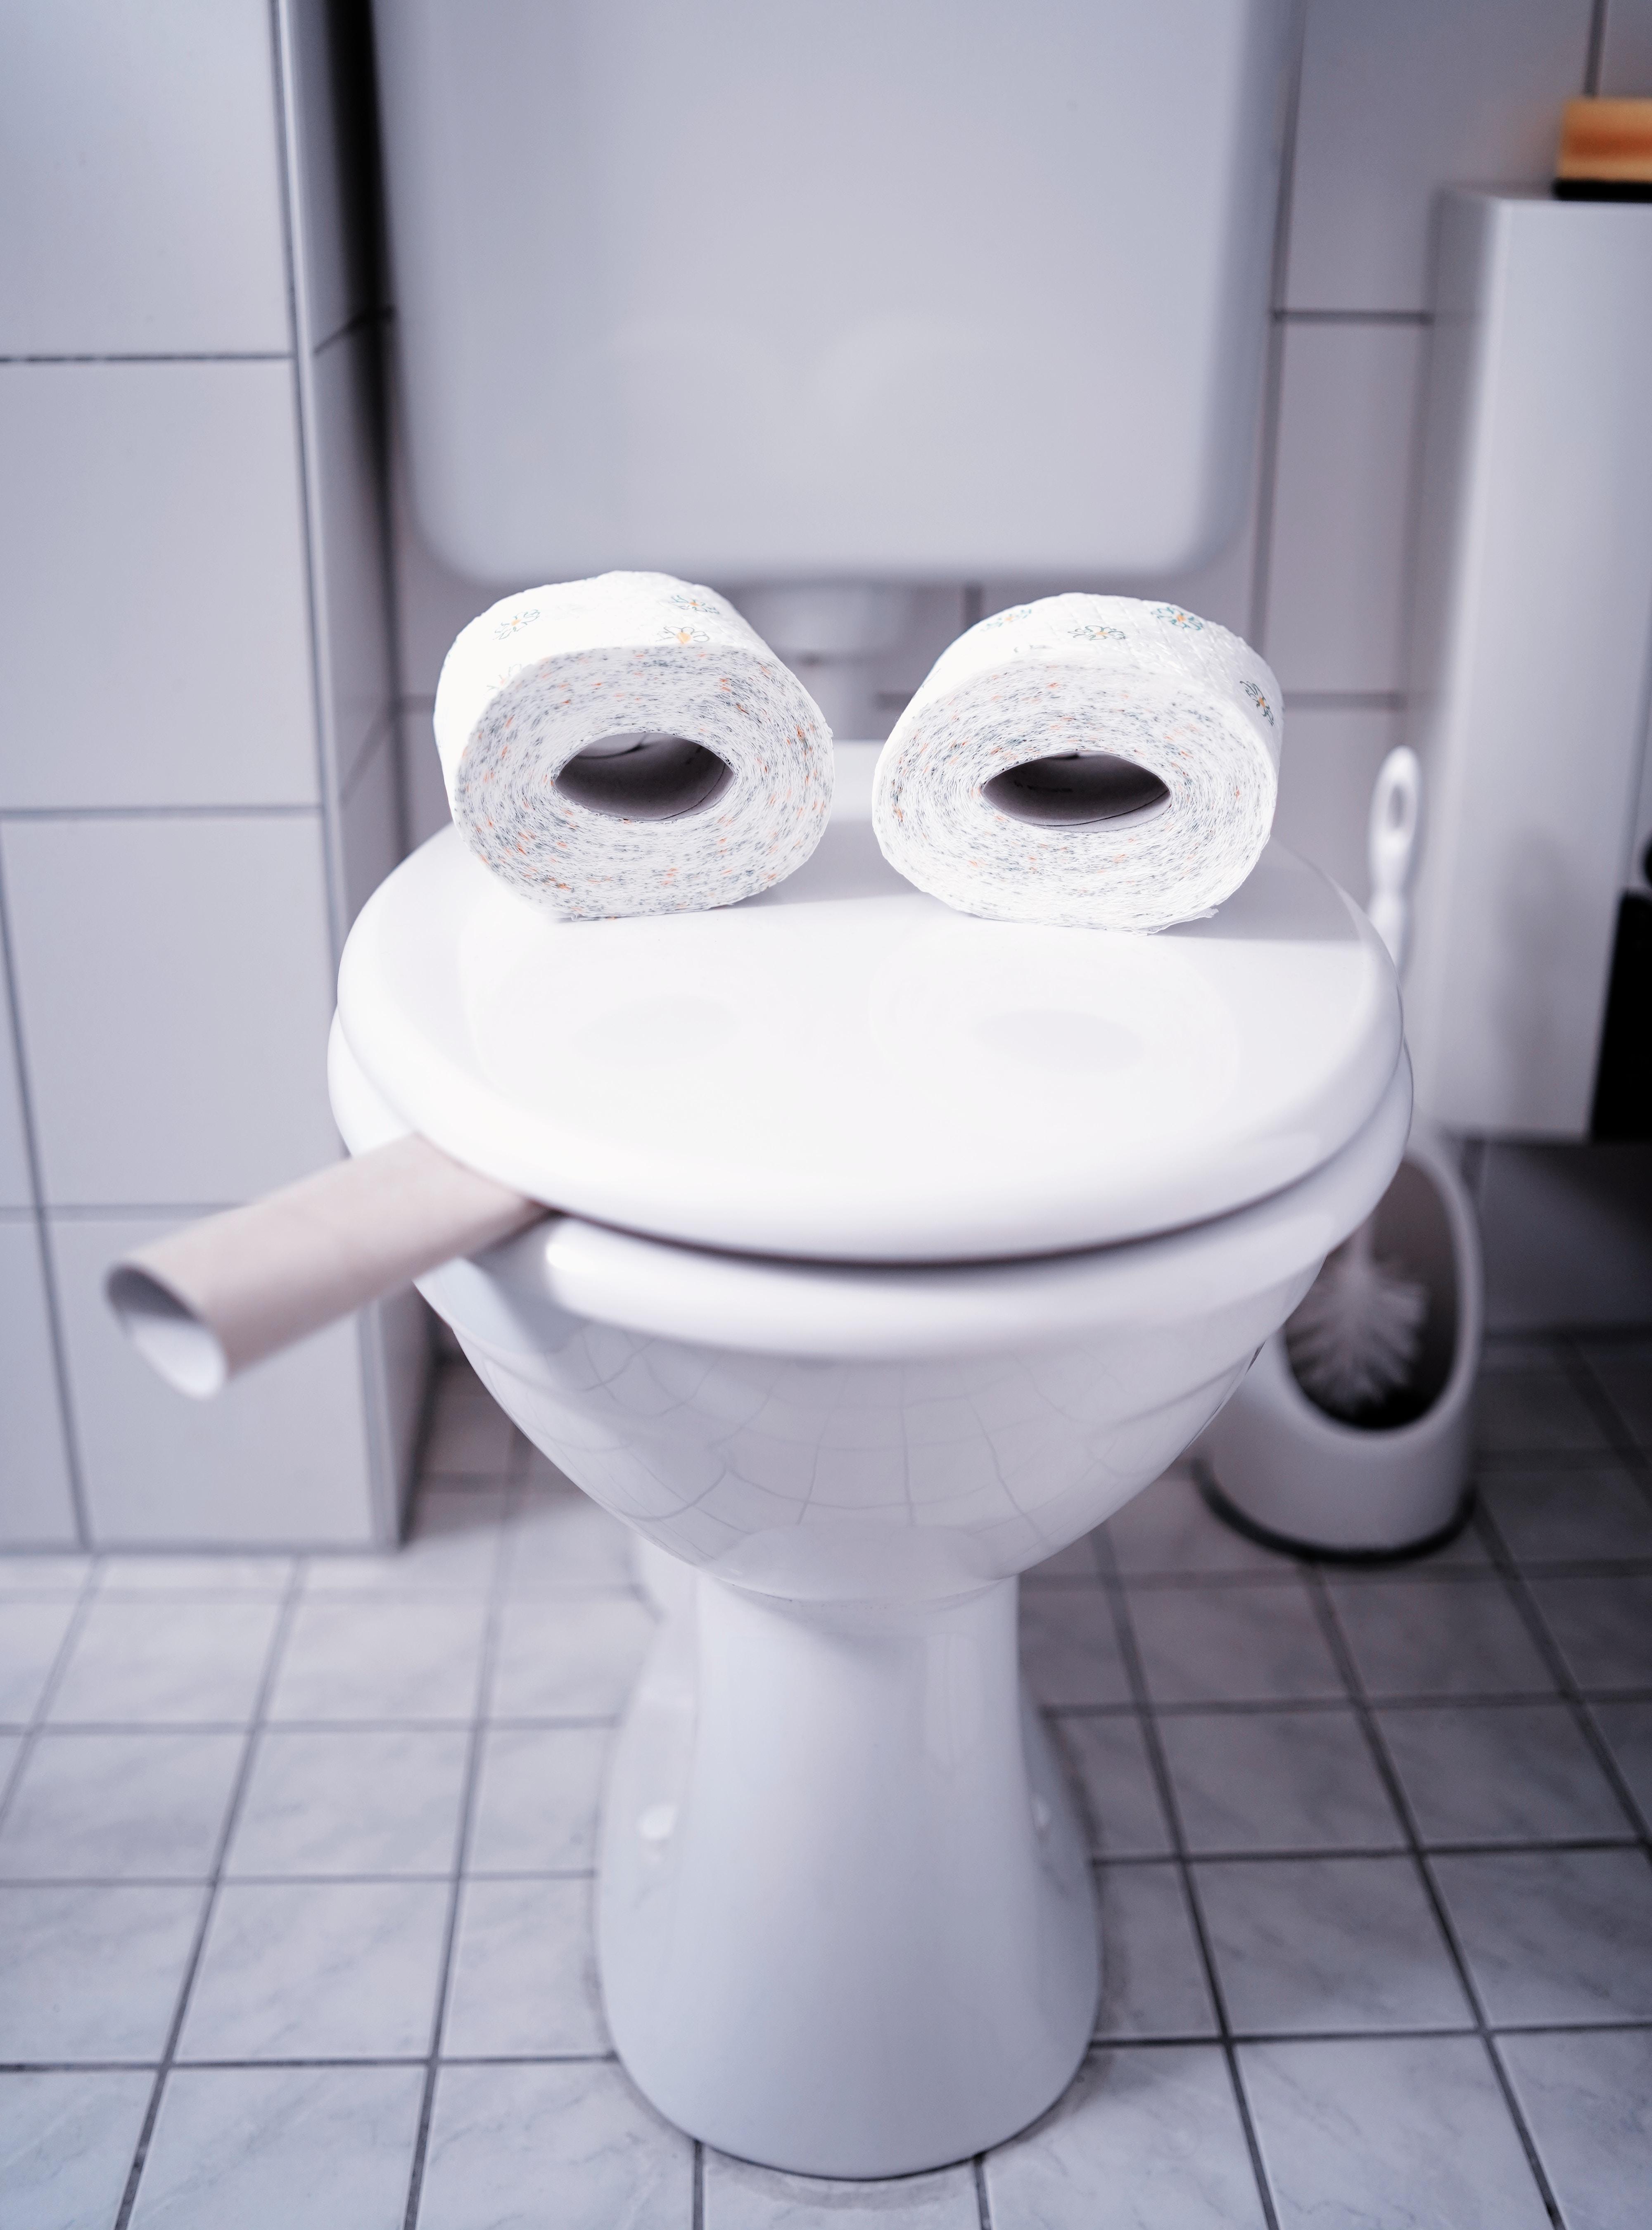 toalett - doløping på dysbioseprotkoll